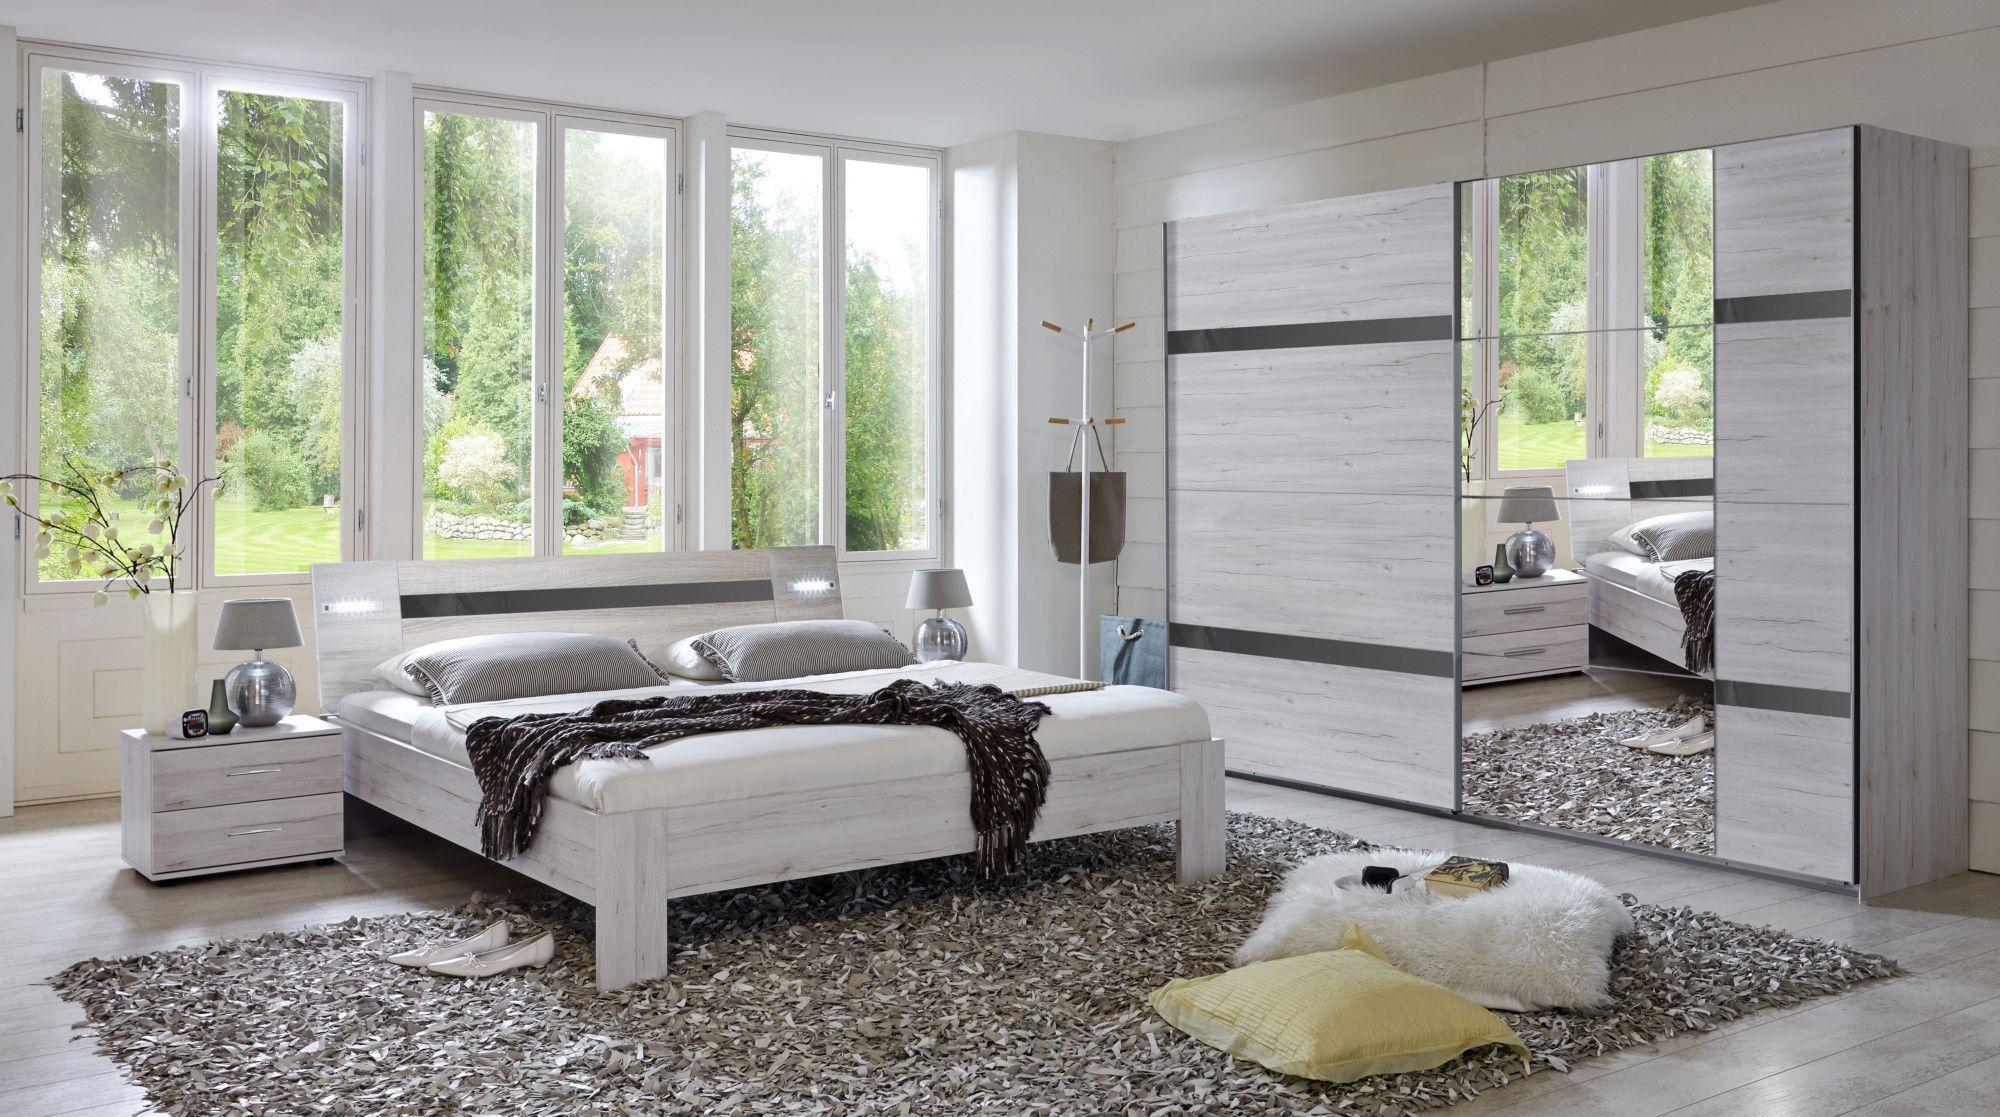 Schlafzimmer Mit Bett 180 X 200 Cm Weisseiche/ Hochglanz Grau Woody  132 01617 Holz Modern Jetzt Bestellen Unter: ...